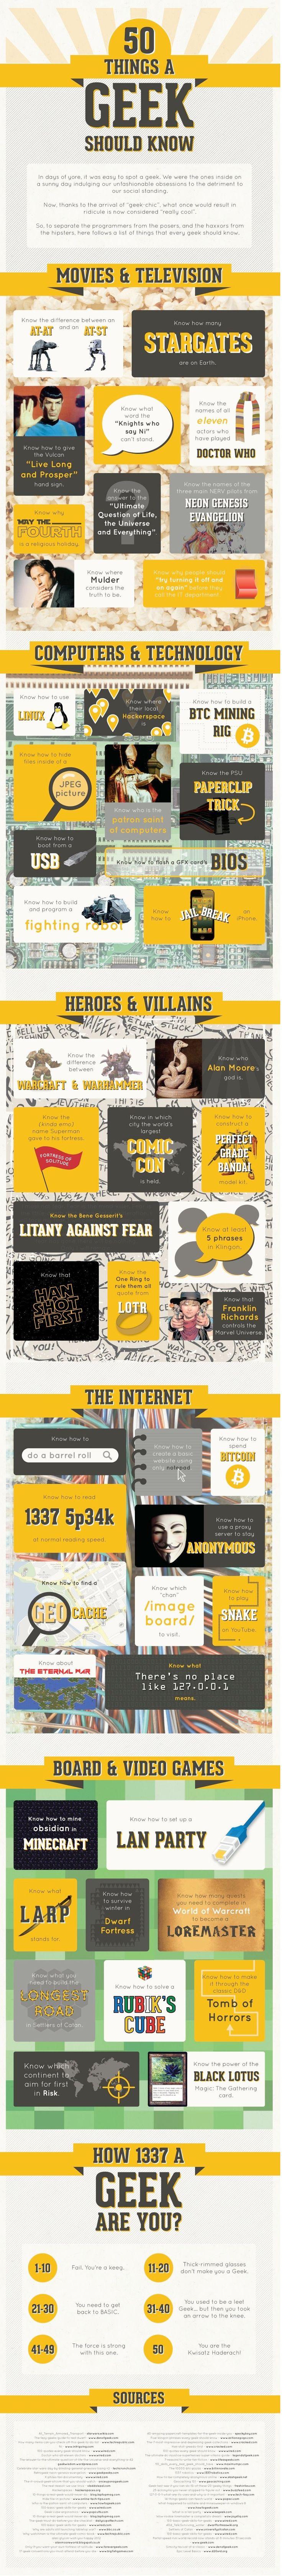 50 cosas que un Geek debe saber #infografia #infographic